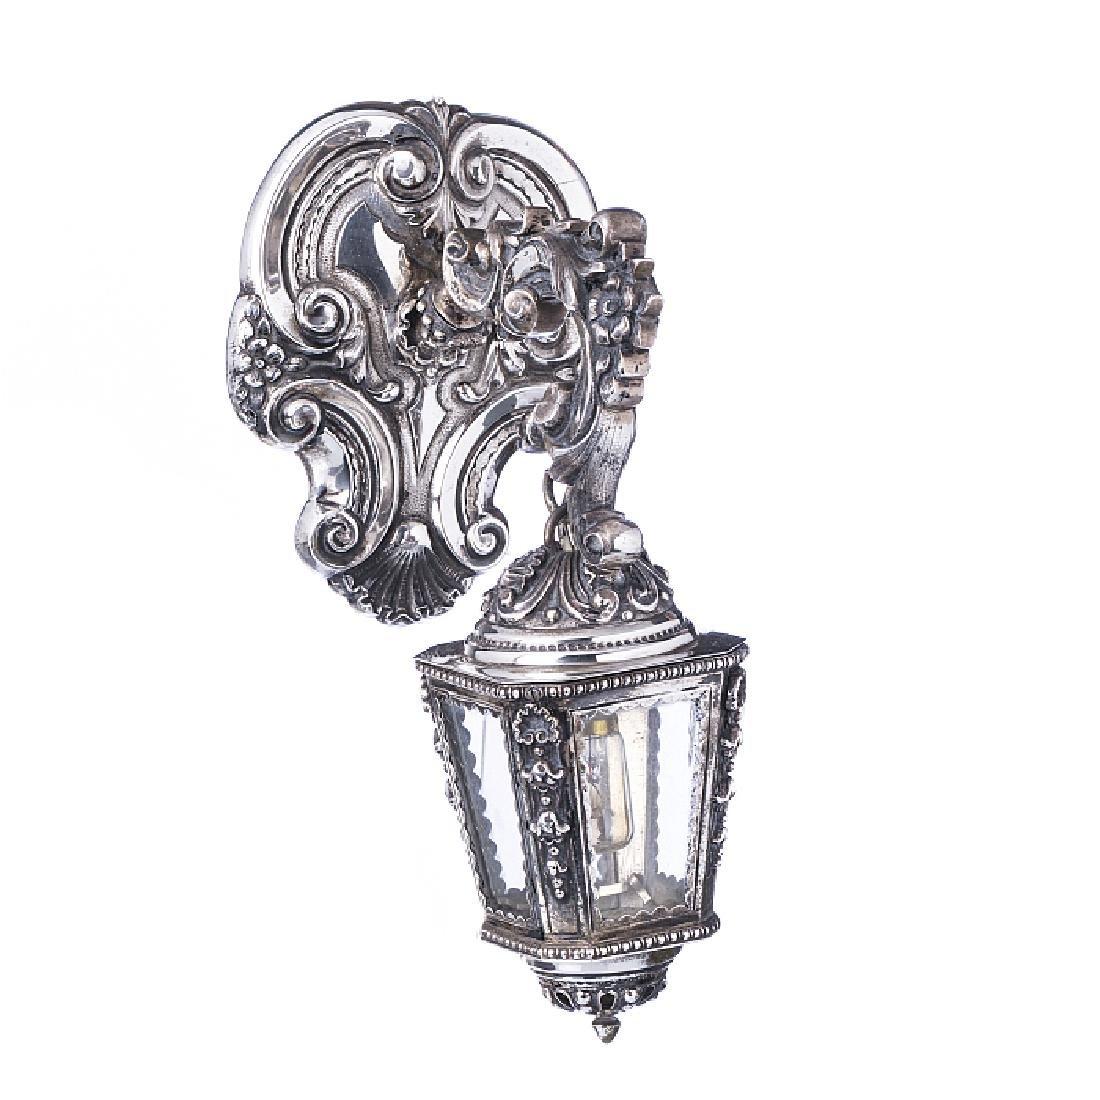 Wall lantern, D. JoAo V style